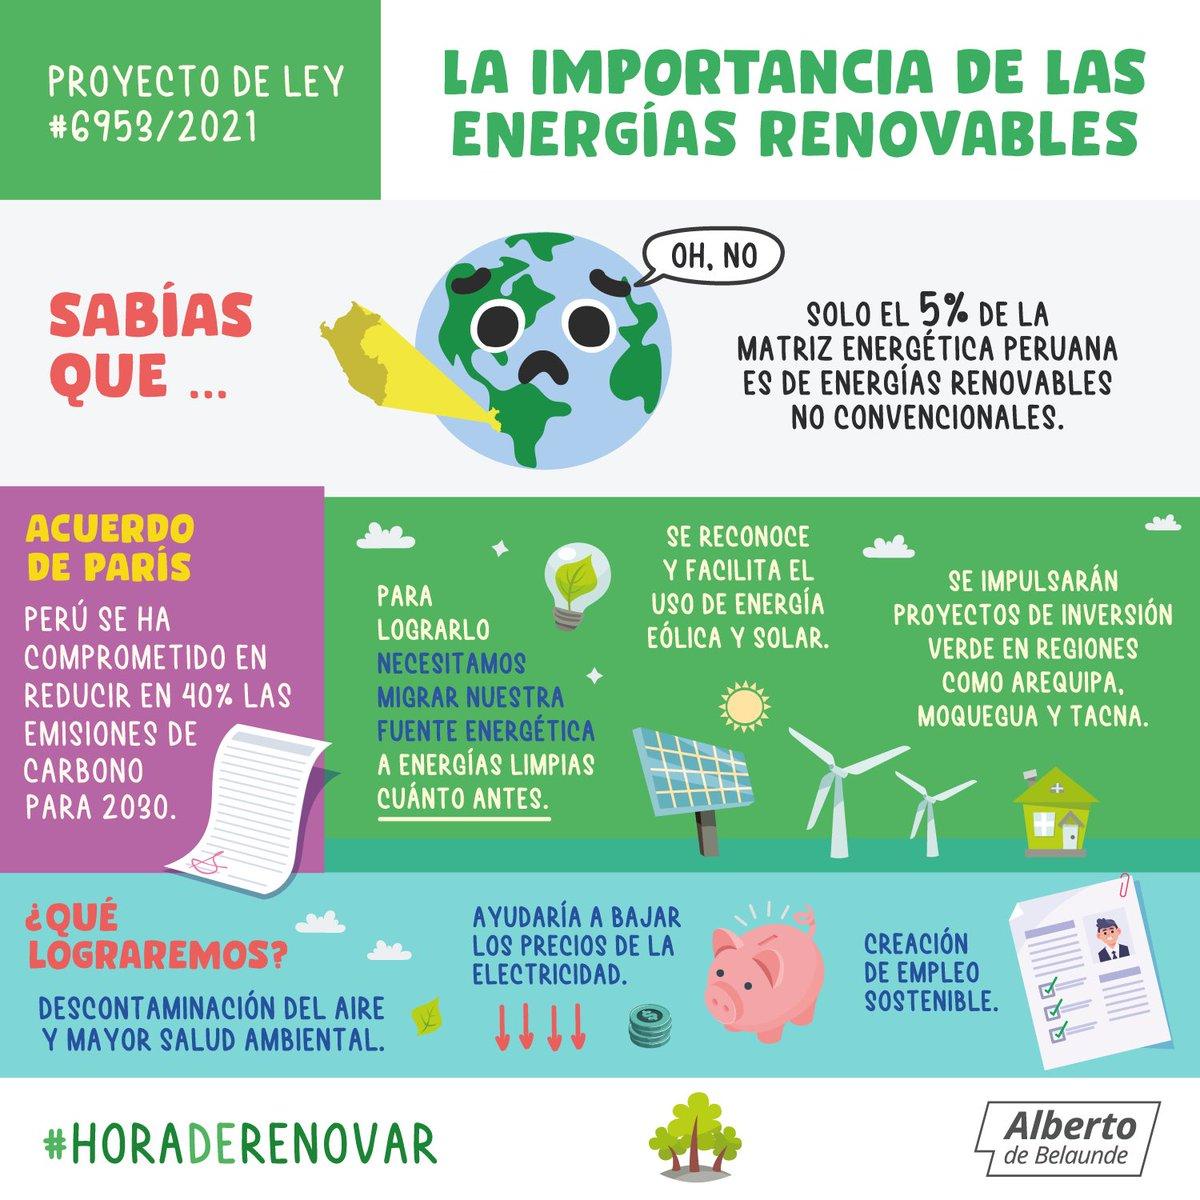 #HoraDeRenovar Aquí cuento un poco del proyecto de ley 6953/2021 para la promoción de energías renovables no convencionales ☀️